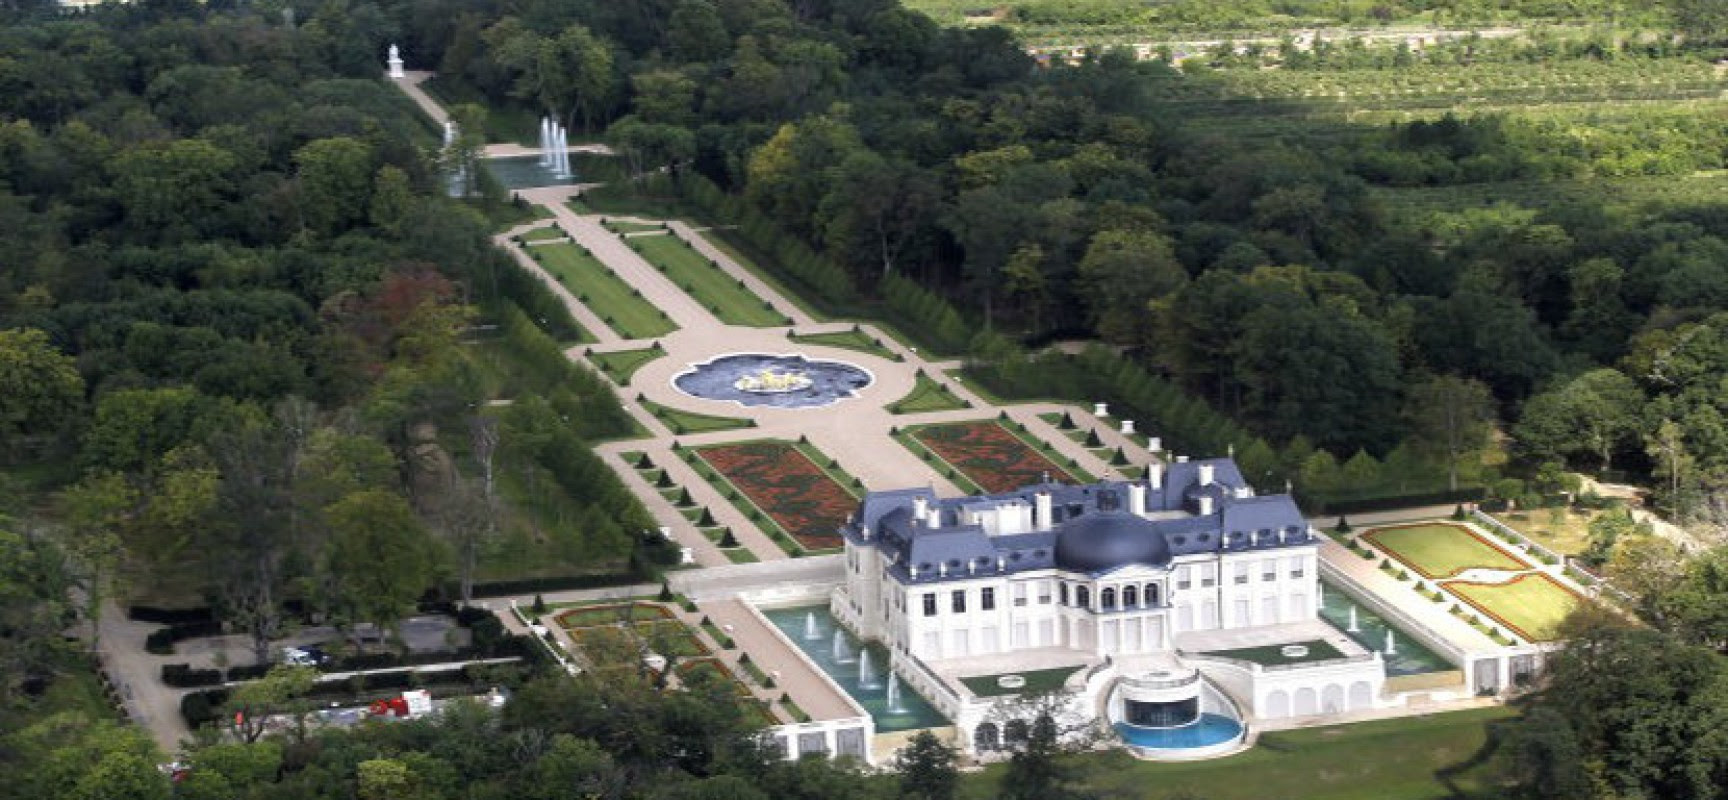 Le prince héritier saoudien est le mystérieux acheteur de «la maison la plus chère jamais vendue»